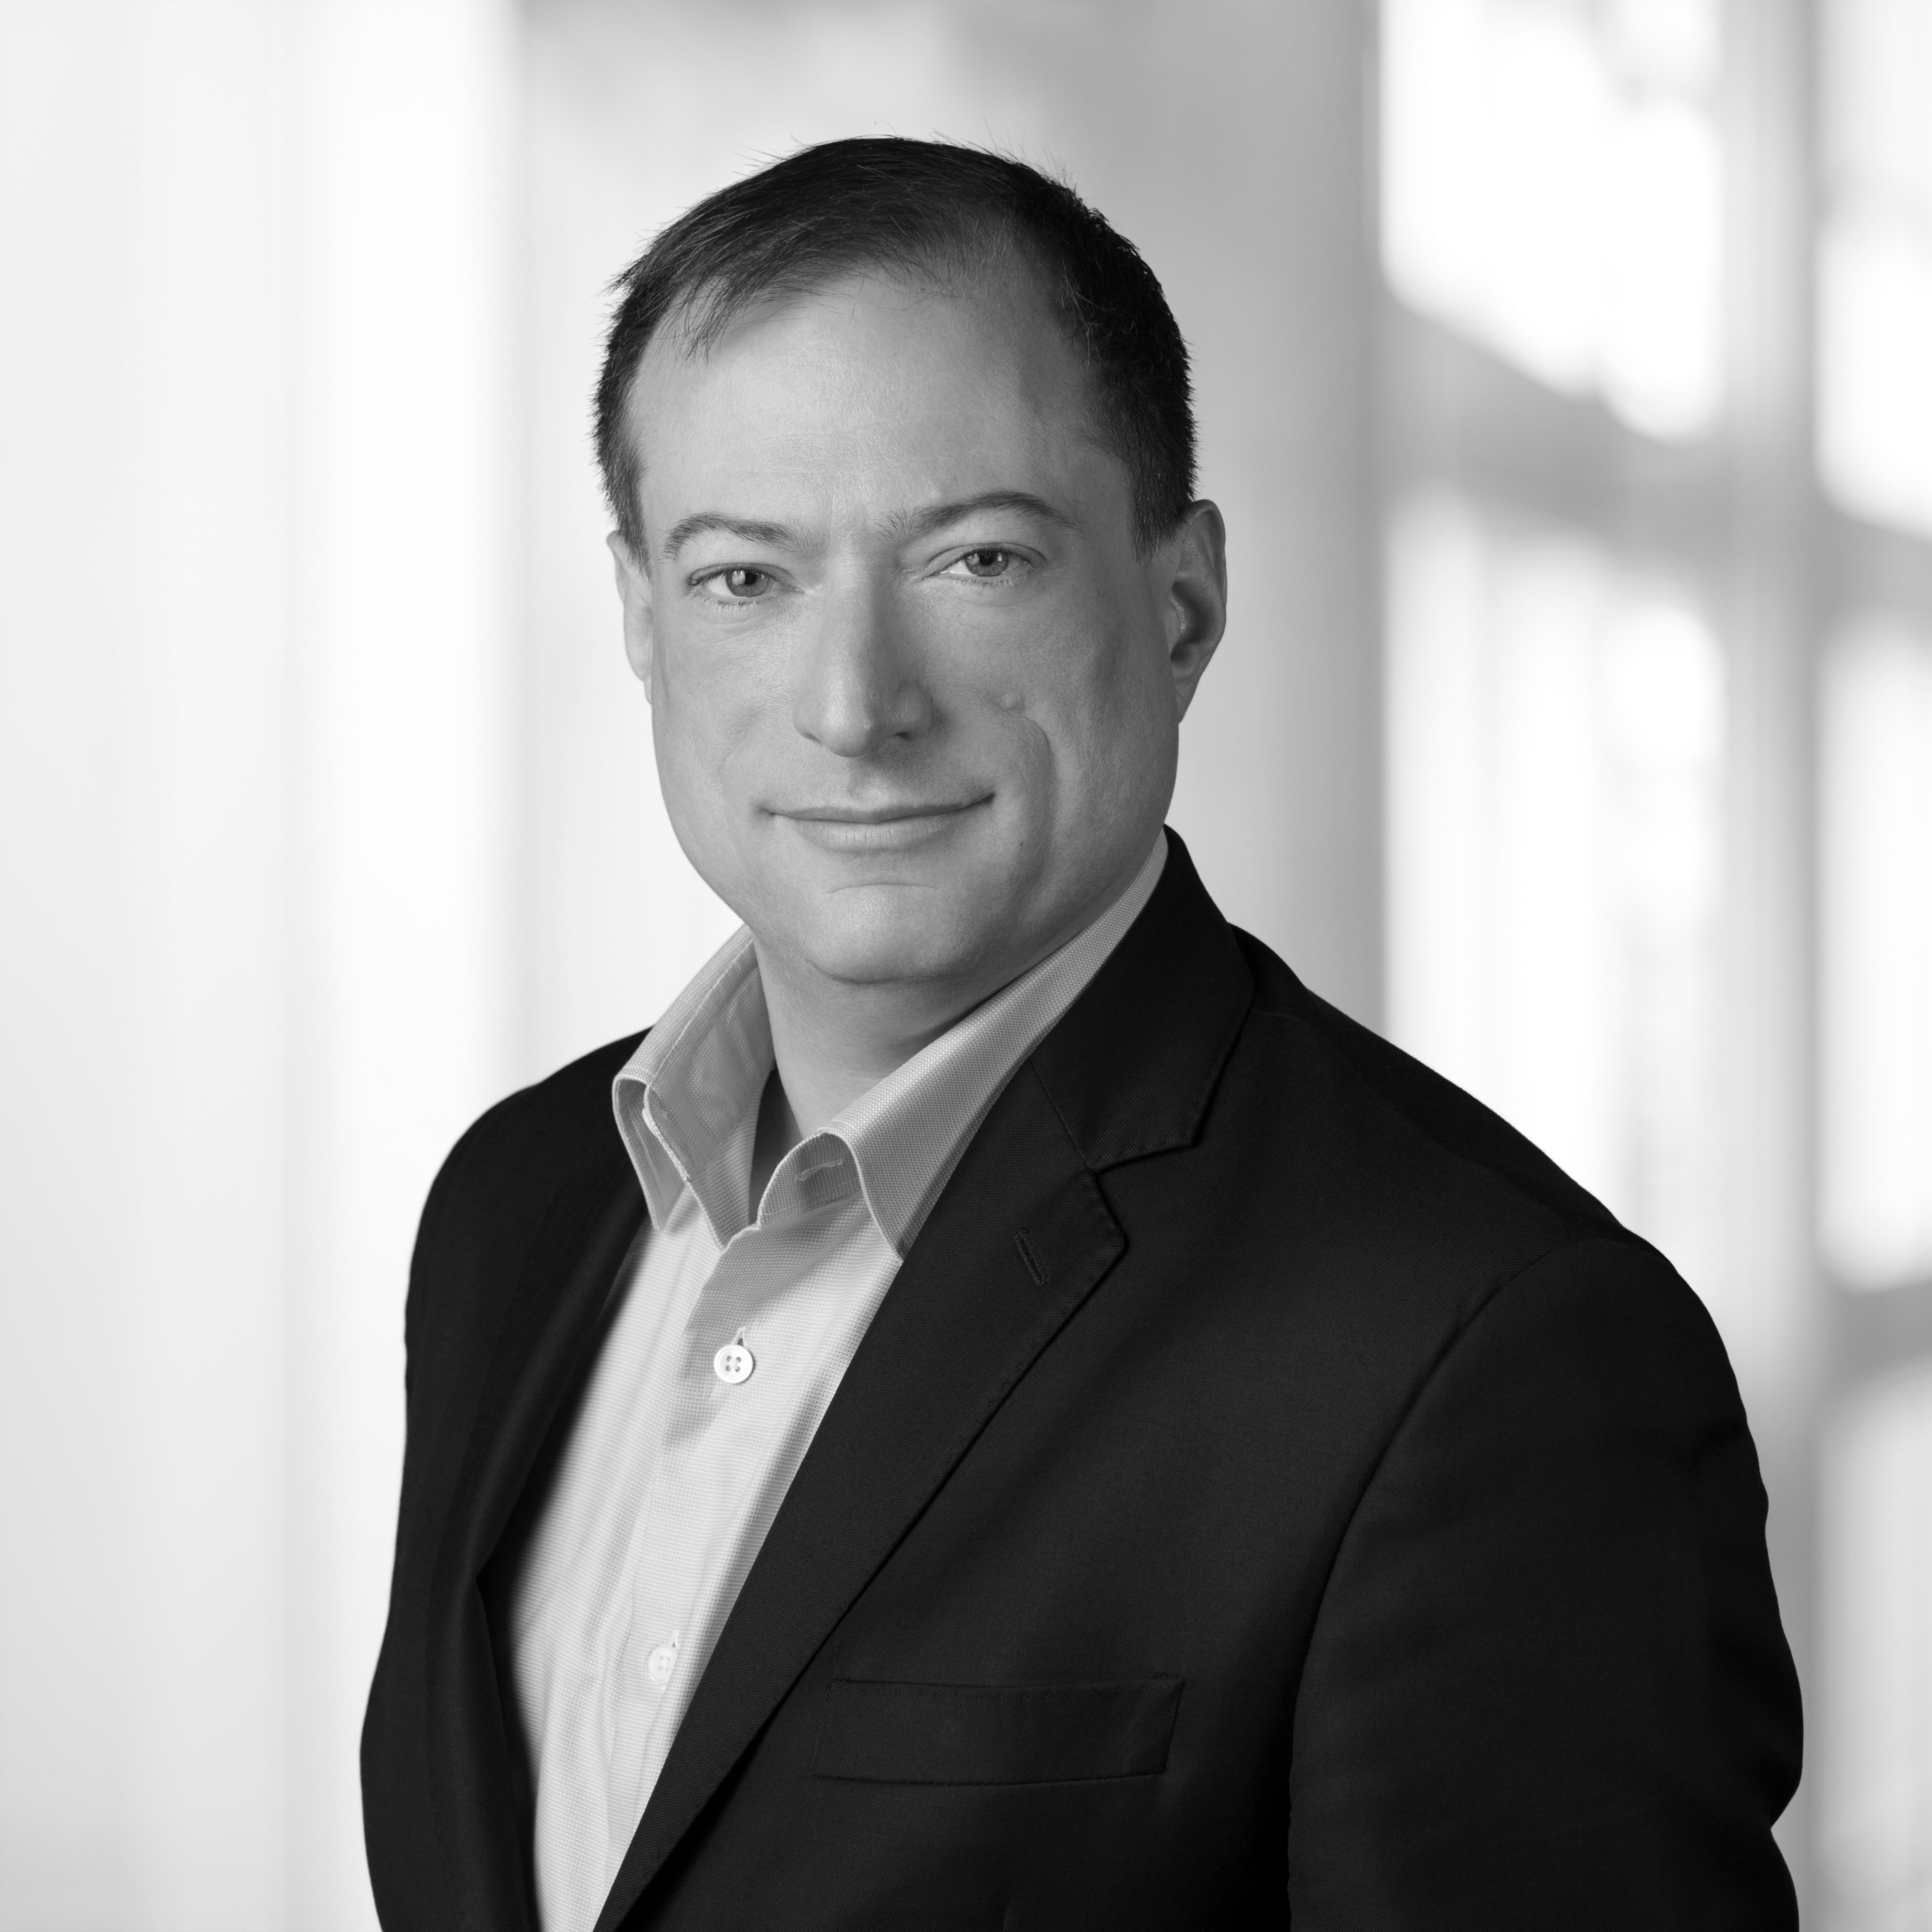 John Roese